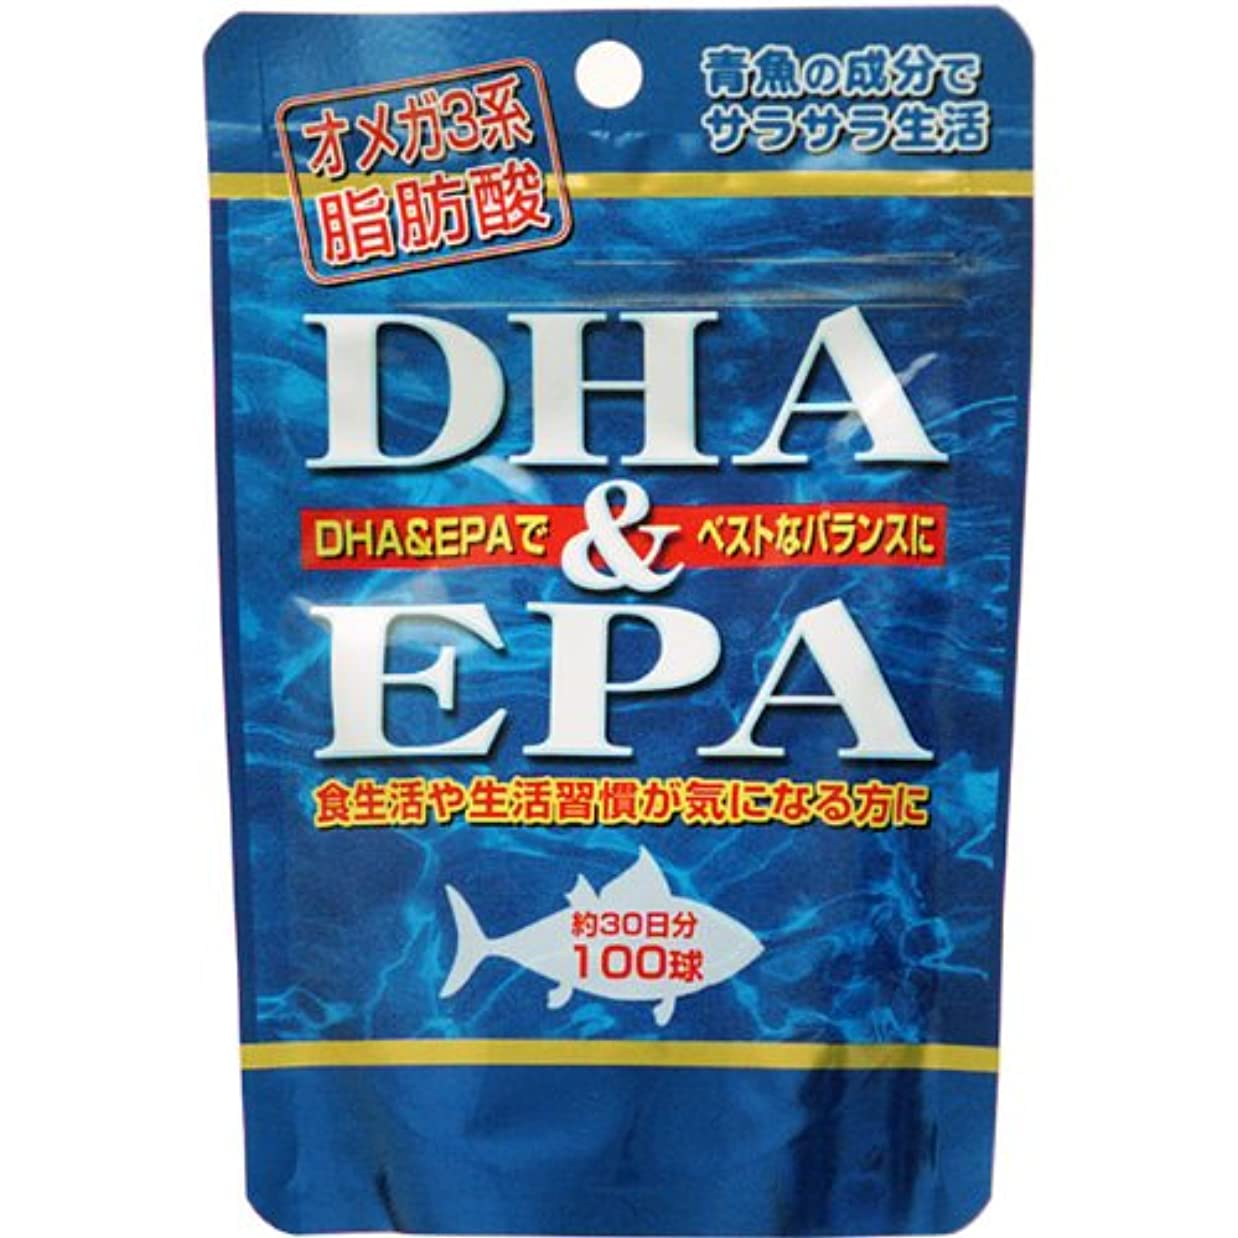 一瞬よろしく既婚DHA(ドコサヘキサエン酸)&EPA(エイコサペンタエン酸)×5